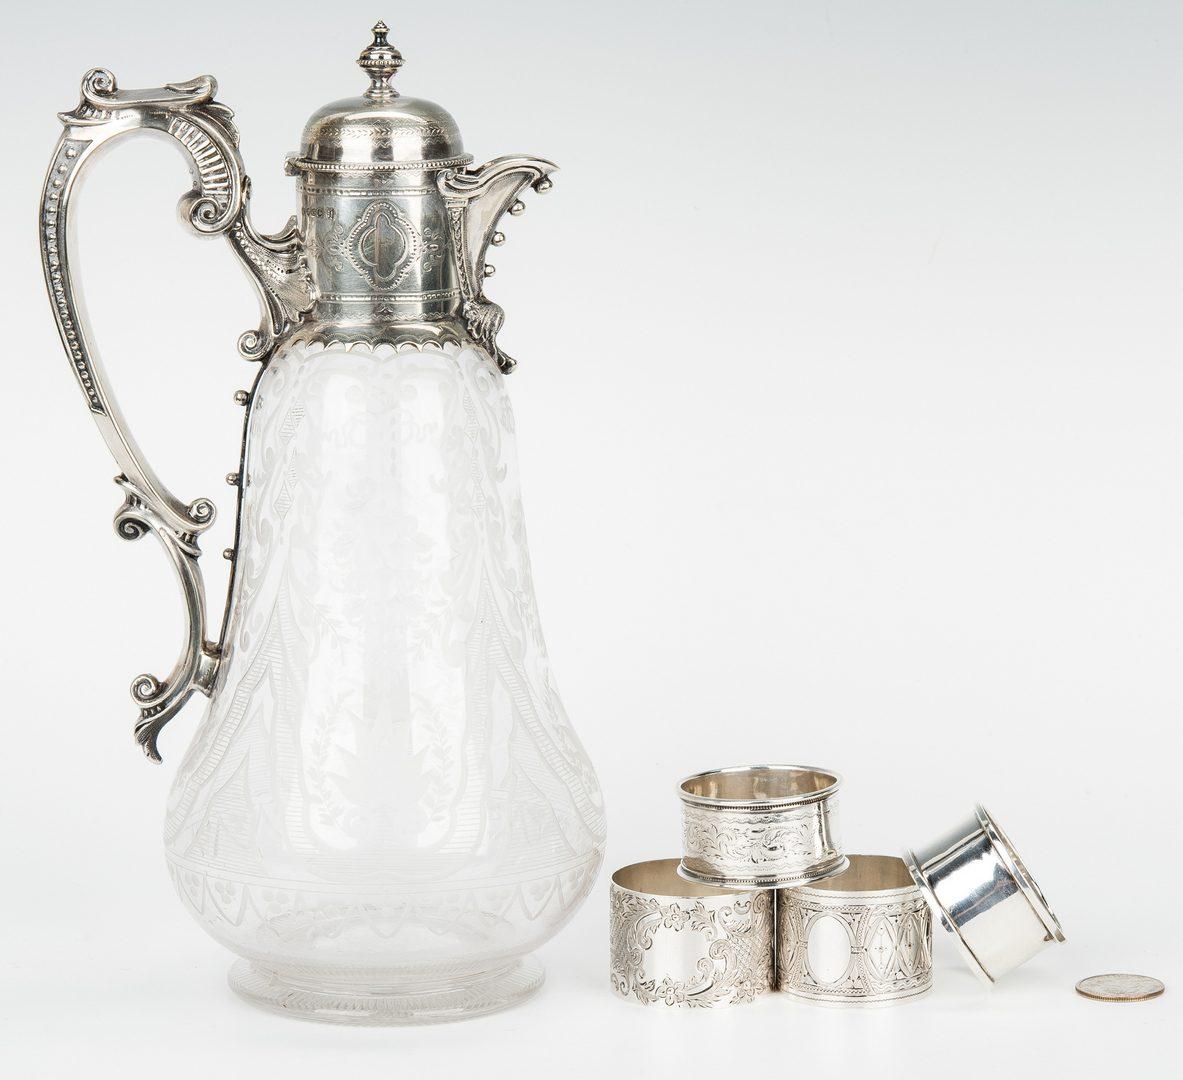 Lot 475: Etched Claret Jug & 4 Sterling Napkin Rings